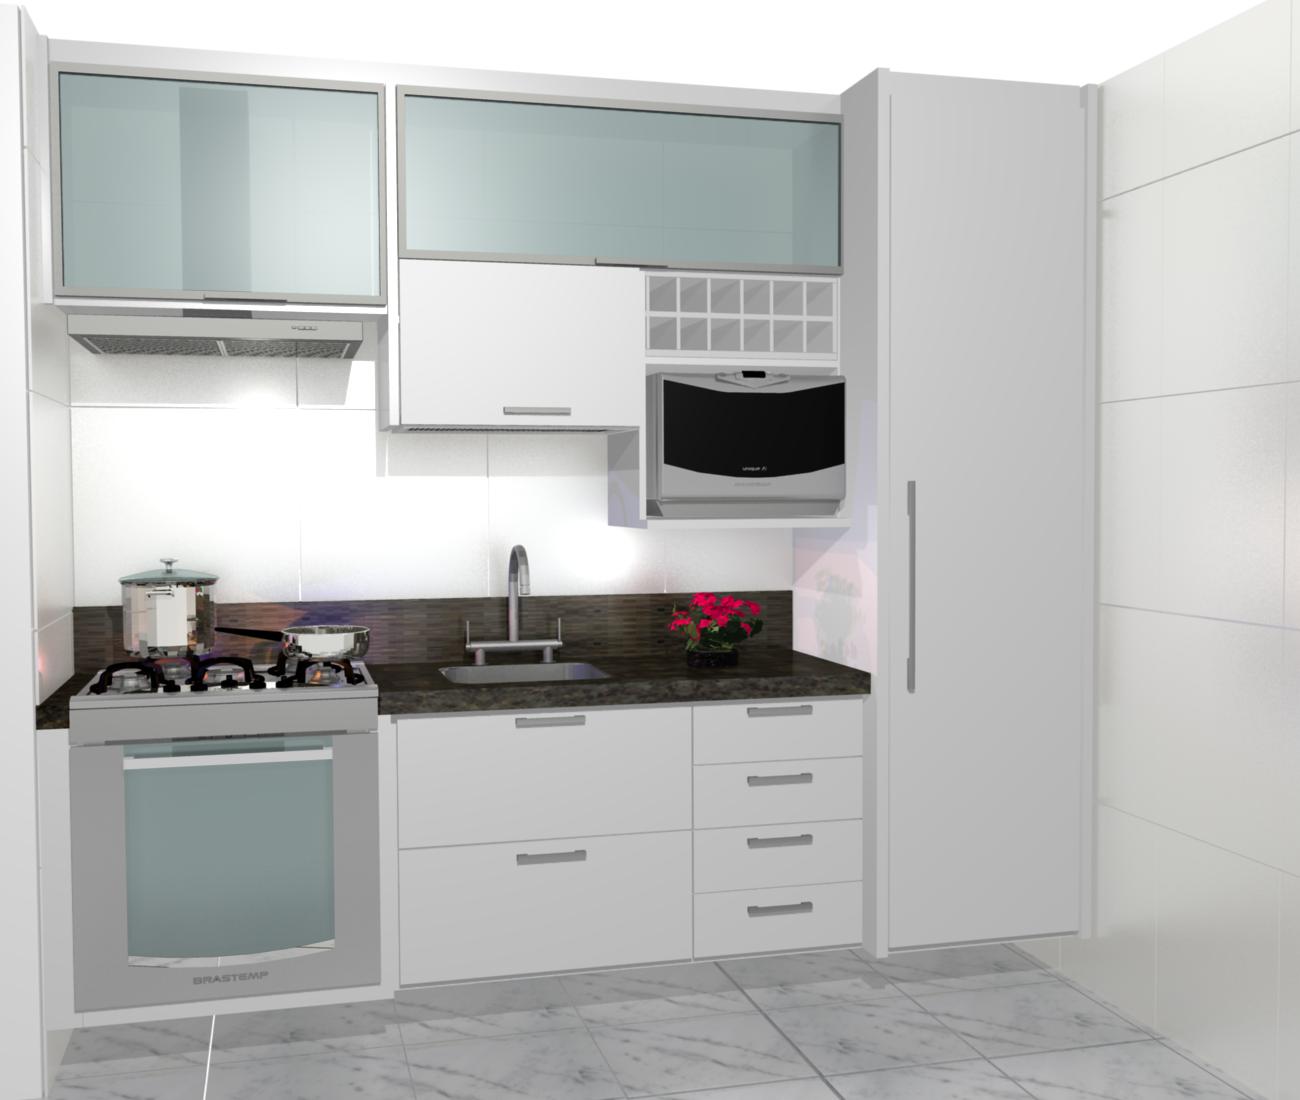 cozinhas planejadas simples bonita pequenas de luxo projeto branca #644042 1300 1100